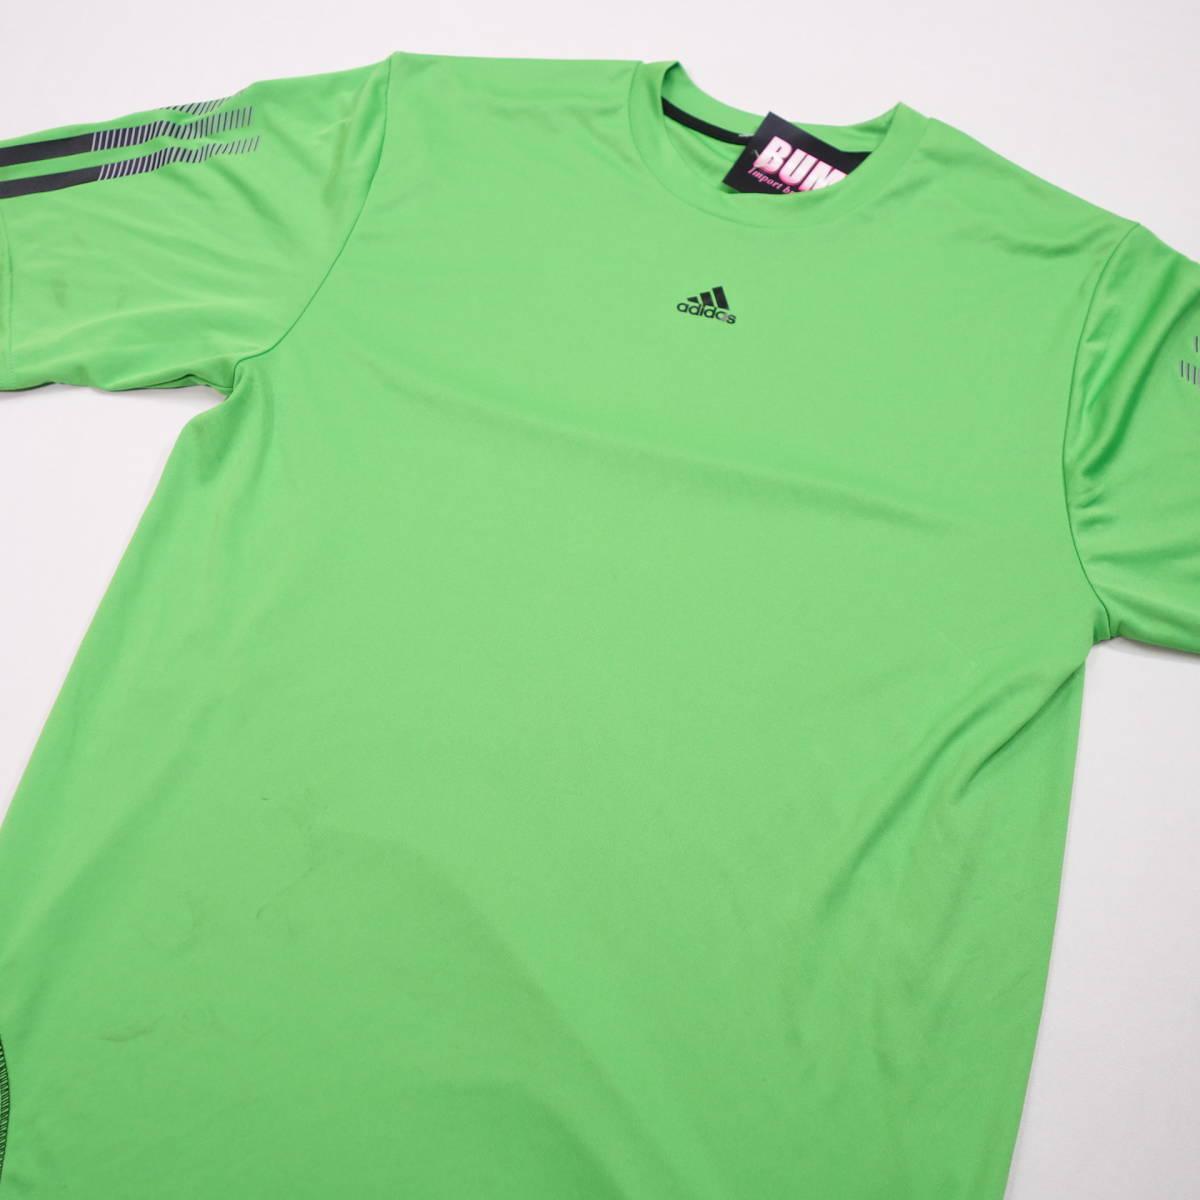 アディダス adidas Tシャツ 半袖 メンズ M クルーネック ワンポイントロゴ 三本ライン スポーツ カジュアル USA直輸入 古着 MAD-1-1-0037_画像3